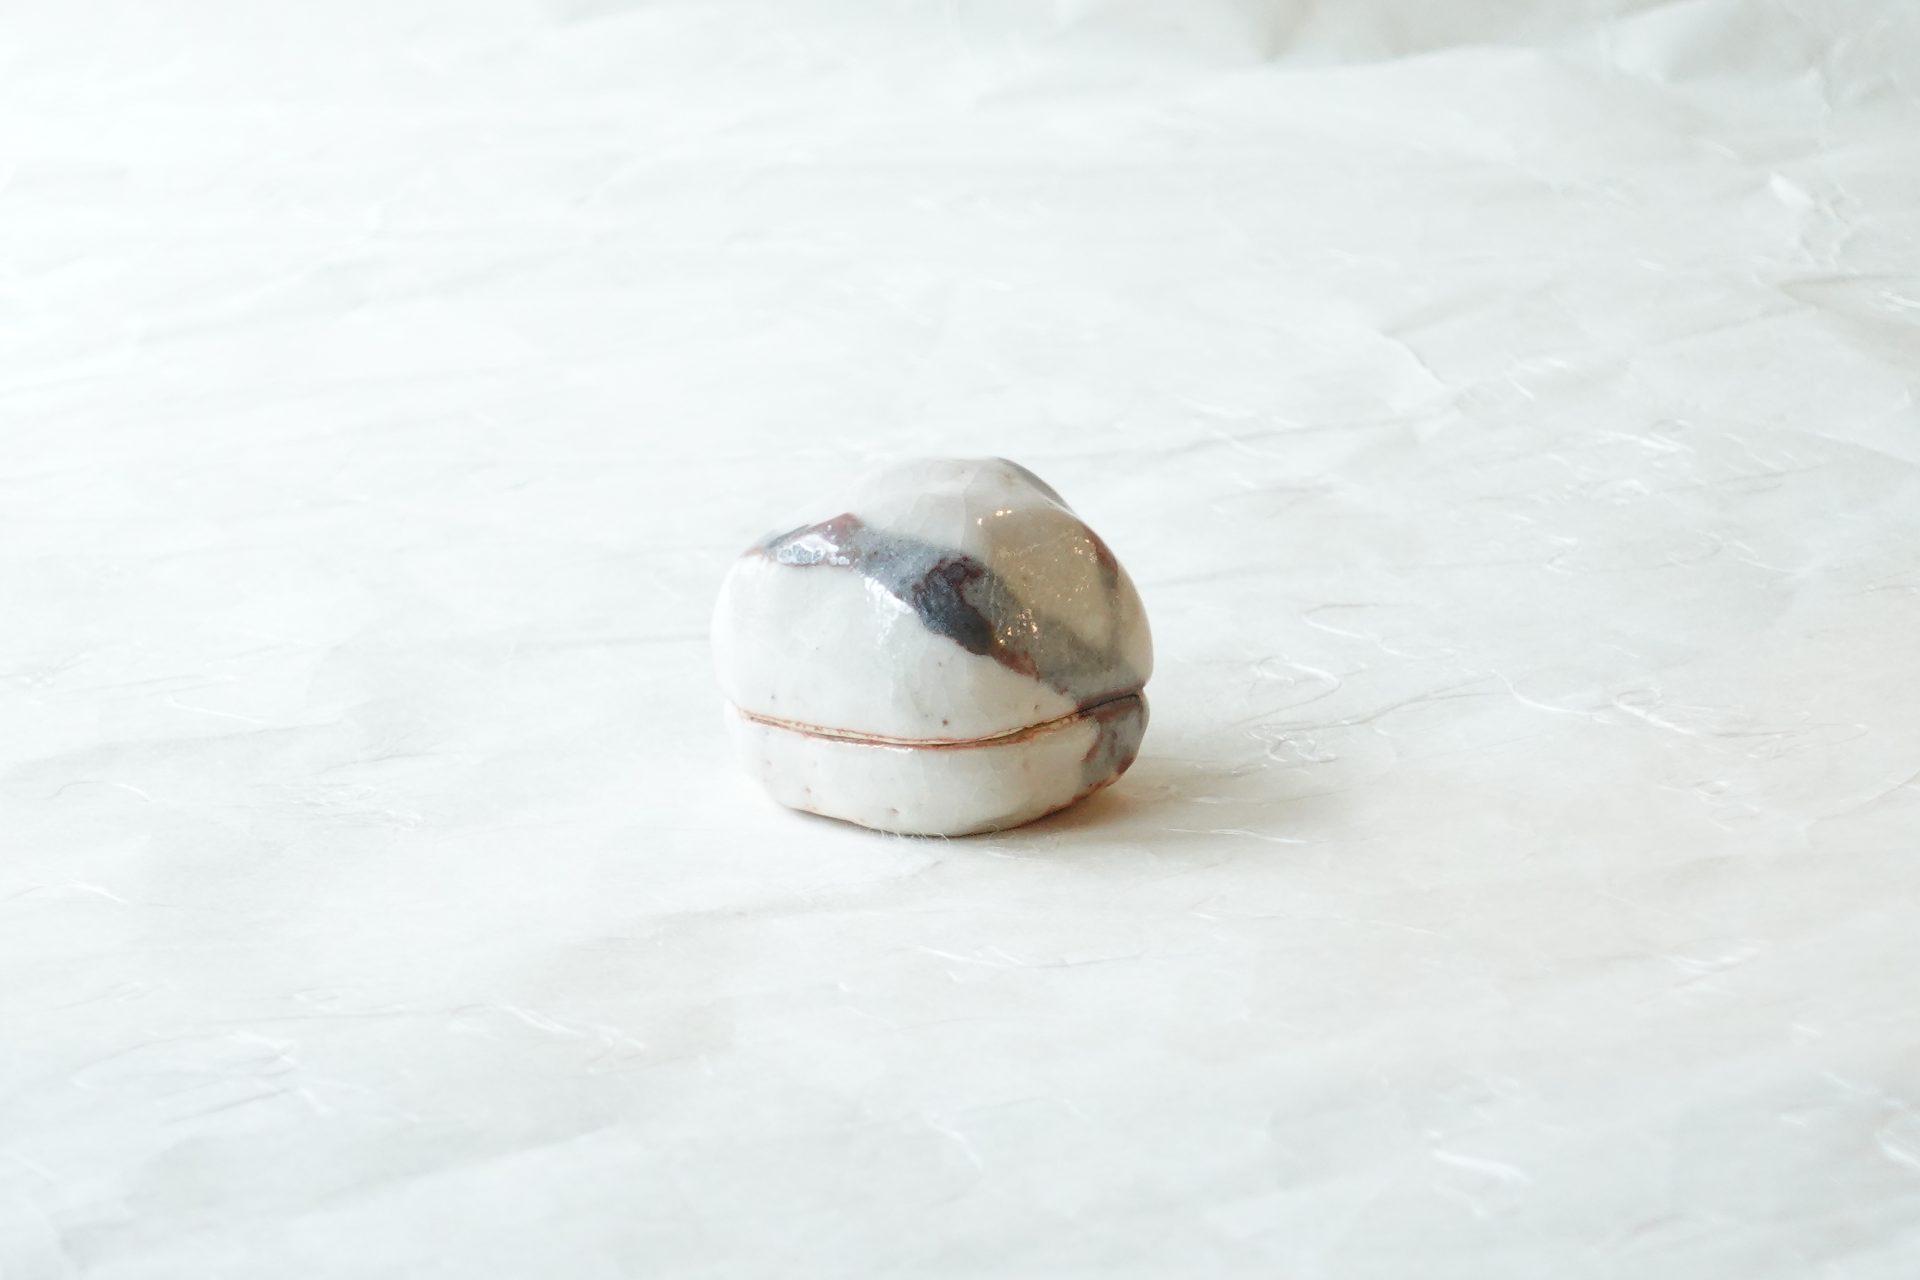 茶道具 茶の湯 茶道 美濃焼 林孝太郎 志野 香合 香を入れる蓋付きの器 炭点前 床の間に飾る 炉の時季 練り香 鑑賞の対象 多くの種類 美濃焼を代表 白志野 鉄絵 表面に艶 ピンホール 貫入 こんもりとした形 温かみ ぽってりと 志野の良さ 逸品 日本製 陶器 磁器 陶磁器 漆器 茶道具 華道具 贈り物 ギフト 記念品 引出物 法要 お返し 専門店 リアル店舗 茶の湯 茶道 裏千家 表千家 茶会 月釜 抹茶 高品質 安らぎ いやし よりおいしく 安心 機能的 長持ち 人気 おすすめ 高機能 ネット通販 ネットショップ セレクトショップ 欲しい 購入 買う 買い物 岐阜県 岐阜市 美殿町 小林漆陶 特別な 選び抜かれた 品質重視 使いやすい 格安 老舗 誕生日 結婚 出産 入学 退職 母の日 父の日 敬老の日 クリスマス プレゼント 叙勲 長寿 新築 お祝い 御礼 内祝い 外国土産 海外みやげ 実店舗 創業100年以上 使うと分かる 職人技 日本一の品揃え 日本一の在庫数 専門店 専門知識 数万点の在庫 百貨店(高島屋 三越 伊勢丹 松坂屋 大丸)にない 手作り お洒落 高級品 希少価値 上質な器 伝統工芸品 コスパ お値打ち お買い得 堅牢 飽きない 永く使える お気に入り 国産 料理が映える 満足感 豊かな食生活 豊かな食文化 こだわりの器 日本文化 他にない ここにしかない オリジナル 独自の 個性的 ここでしか買えない 超レアもの 一品もの 現品限り 入手困難 いい器 匠の技 美しい 実用的 外人が喜ぶ店 外人が珍しがる店 外人がうれしい店 日本各地の一級品を売る店 日本全国の器を売る店 本当にいいもの コスパ高い 一流品 修理 選りすぐりの逸品 周年記念 永年勤続表彰 退職記念 卒業記念 日本土産 岐阜土産 岐阜のおみやげ 岐阜の特産品 料理を引き立てる器 高級店 一流店 岐阜で一番 東海で一番 中部で一番 日本で一番 おしゃれな店 地域一番店 実店舗